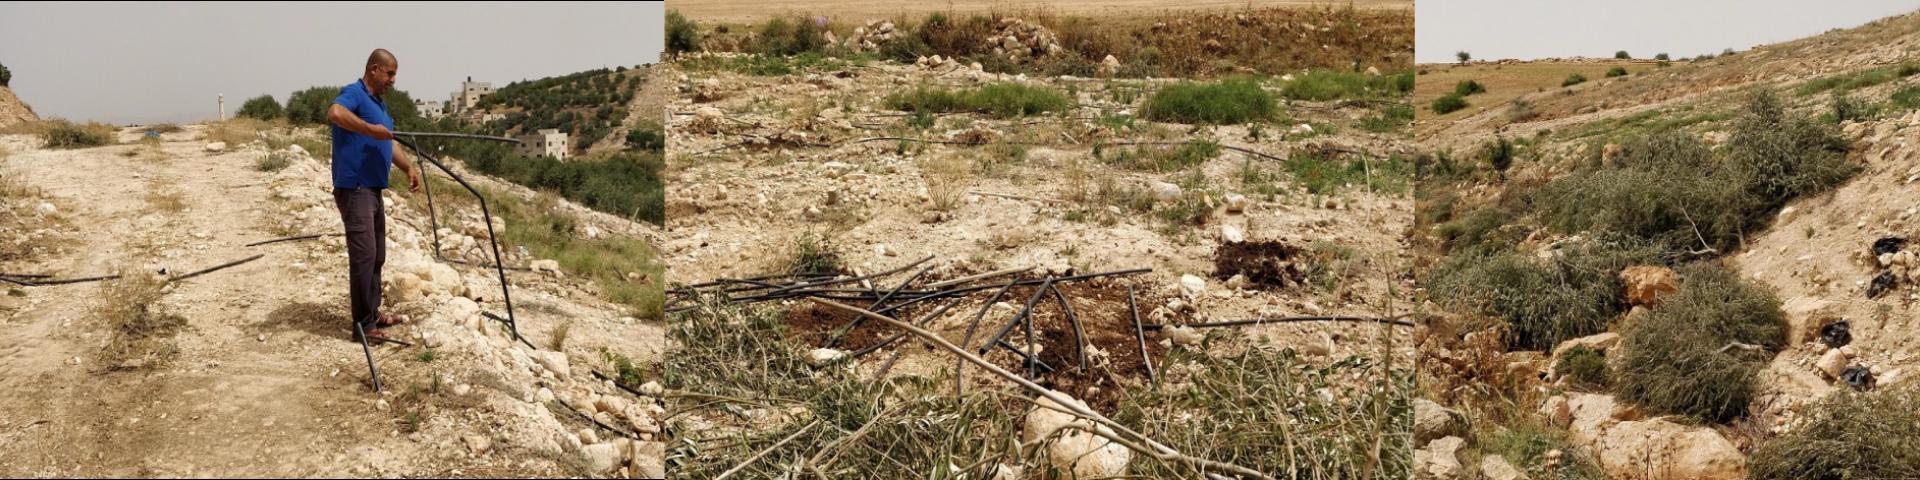 לשם מה גודמים זיתים וחותכים צינורות השקיה? ברדלה בקעת הירדן